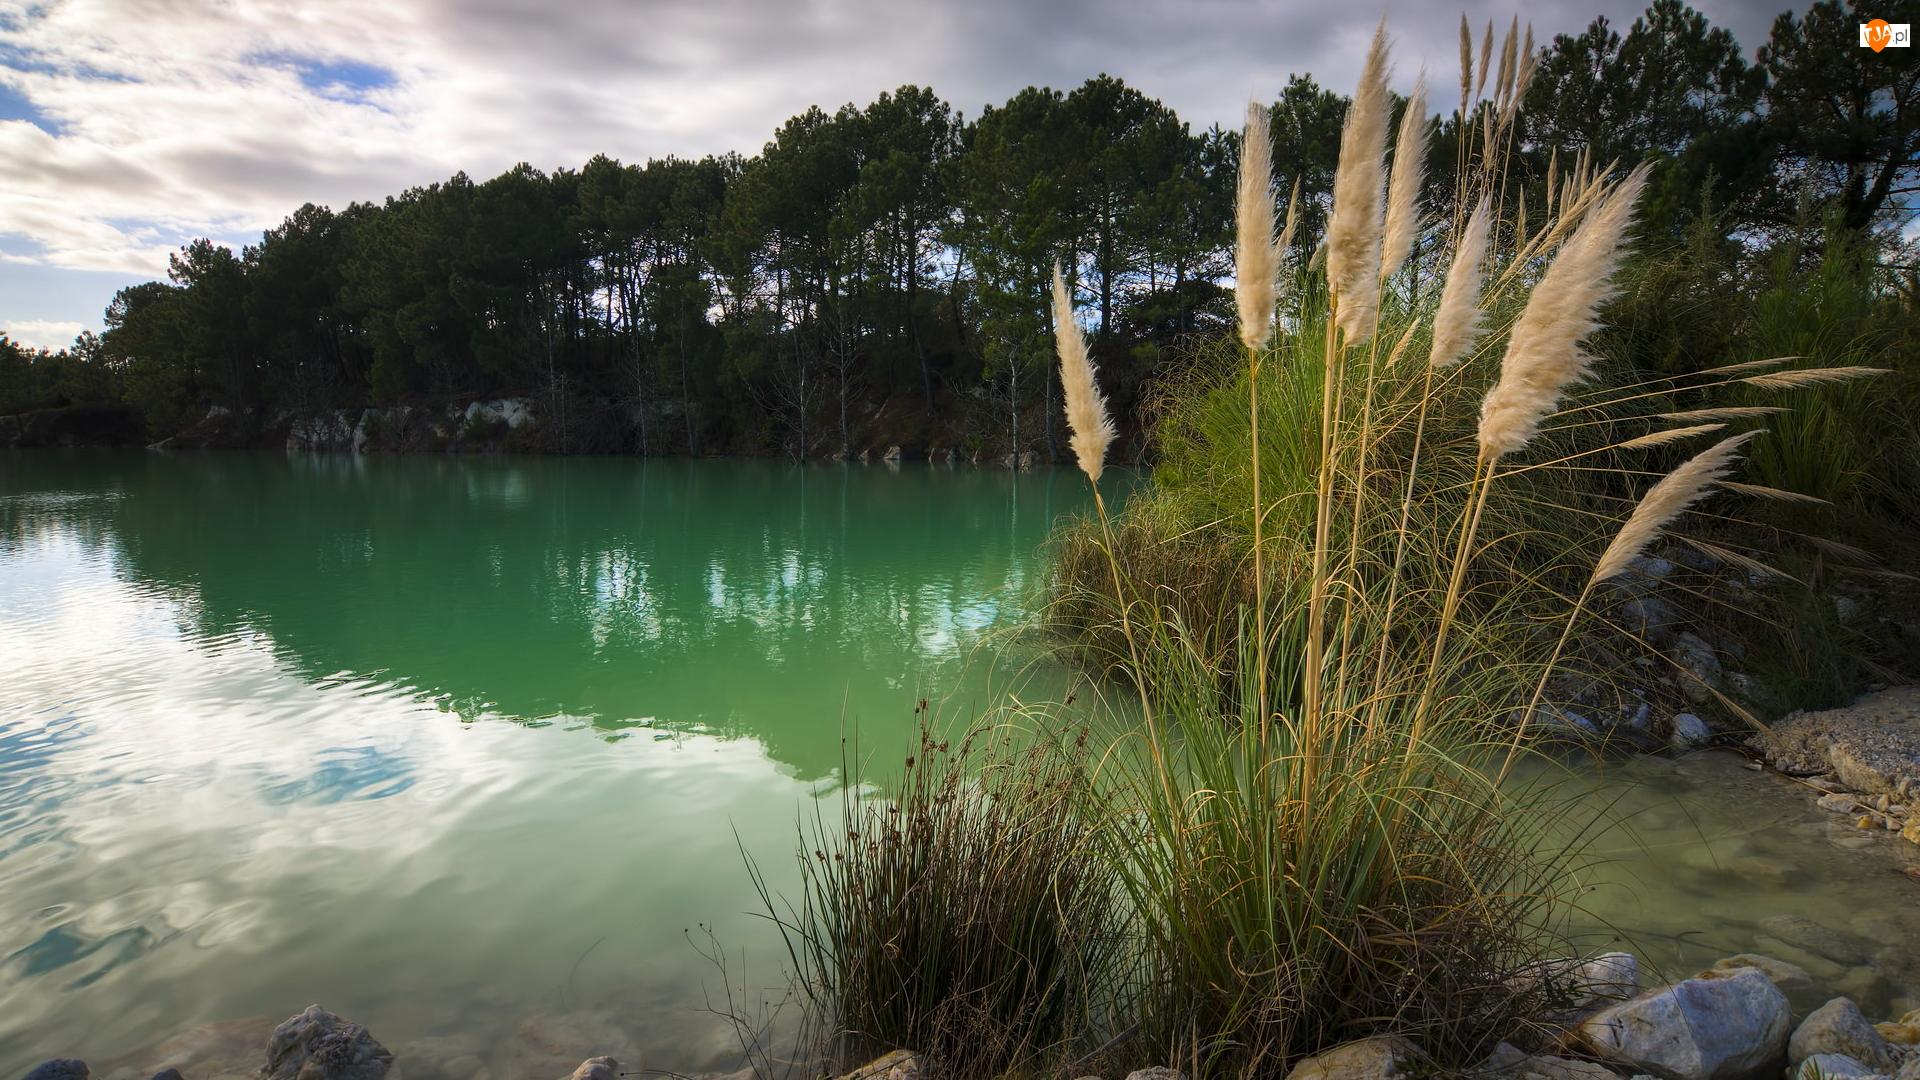 Drzewa, Trawa, Kępy, Jezioro